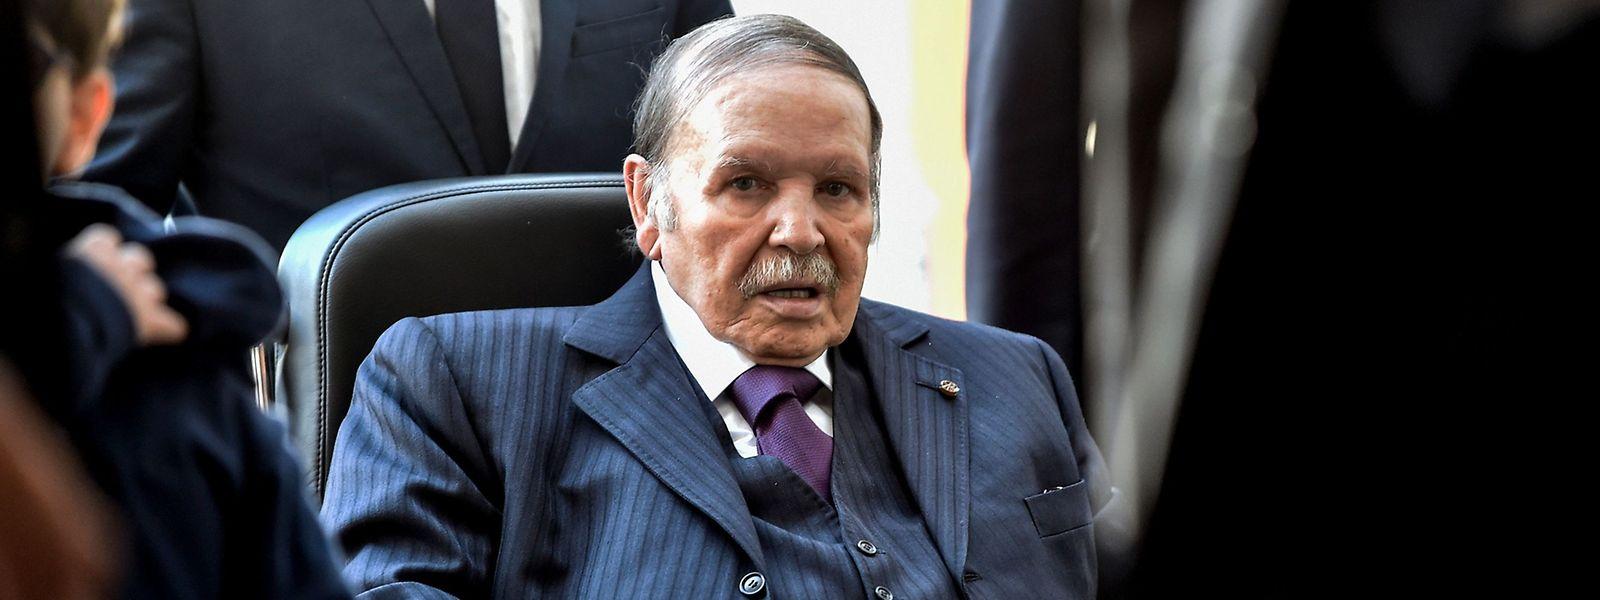 Abdelaziz Bouteflika auf einem Archivfoto aus 2017.